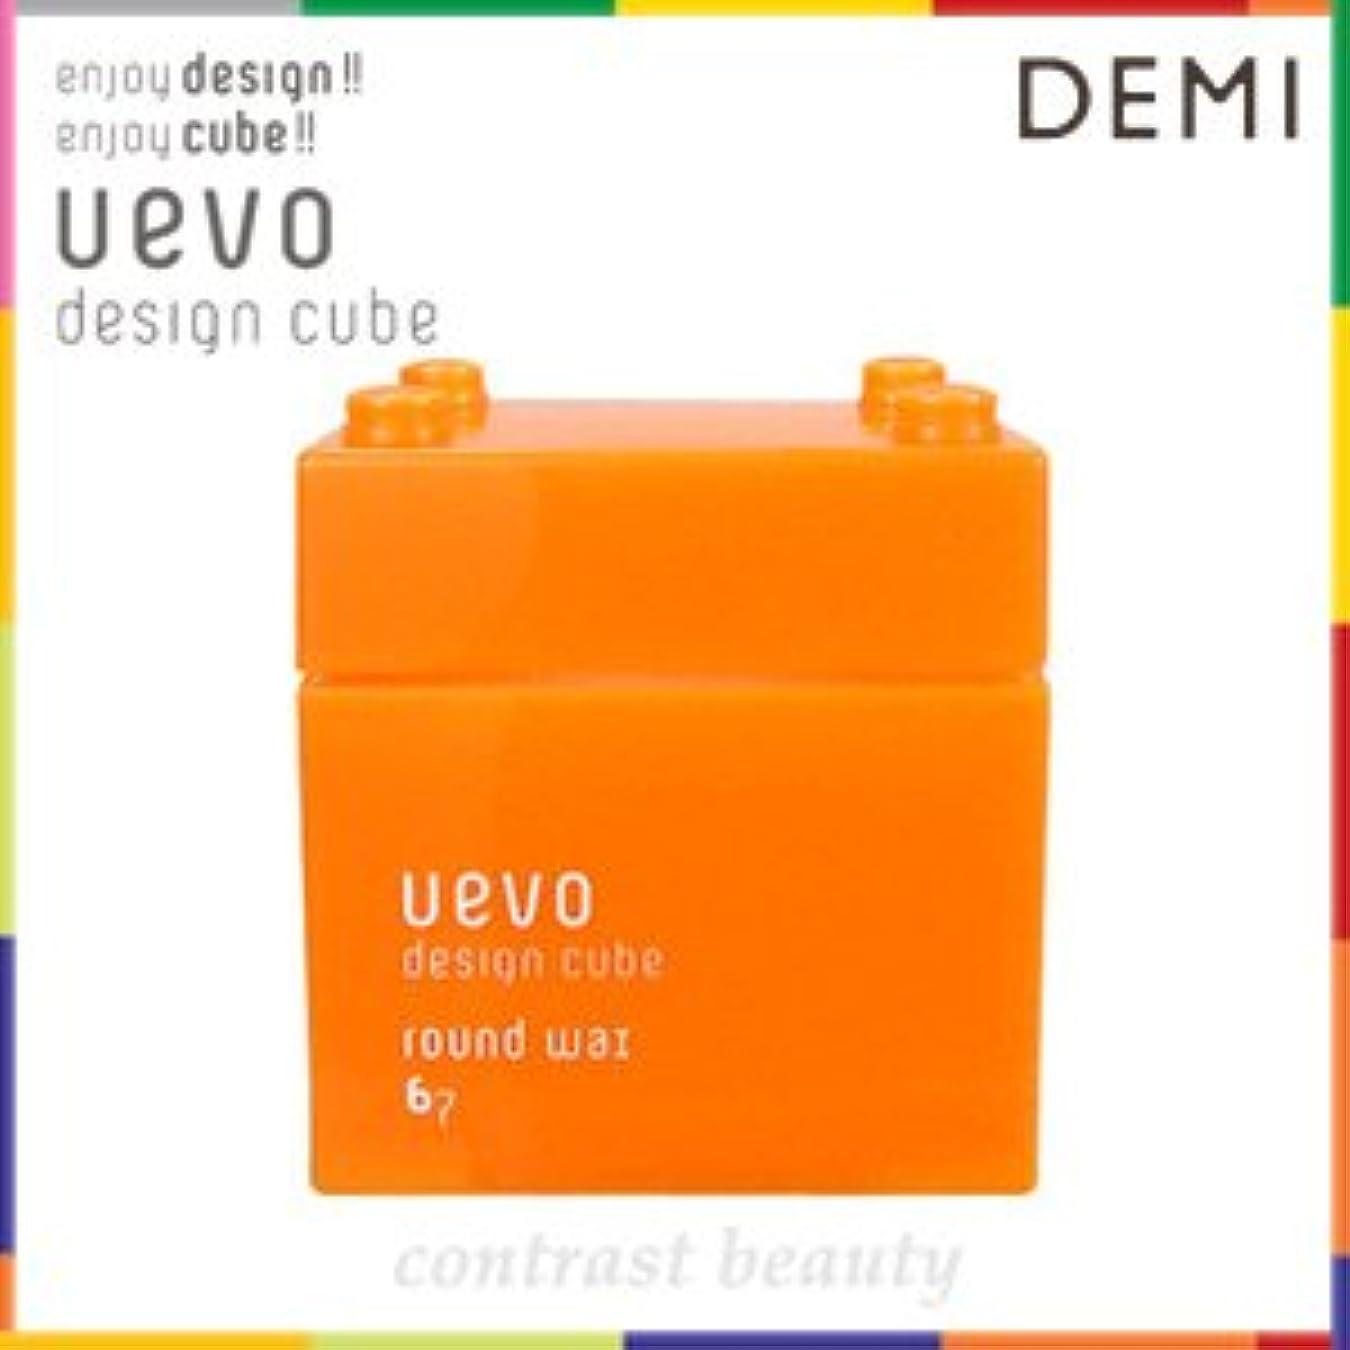 フラスコ落ち込んでいる馬鹿げた【X2個セット】 デミ ウェーボ デザインキューブ ラウンドワックス 80g round wax DEMI uevo design cube